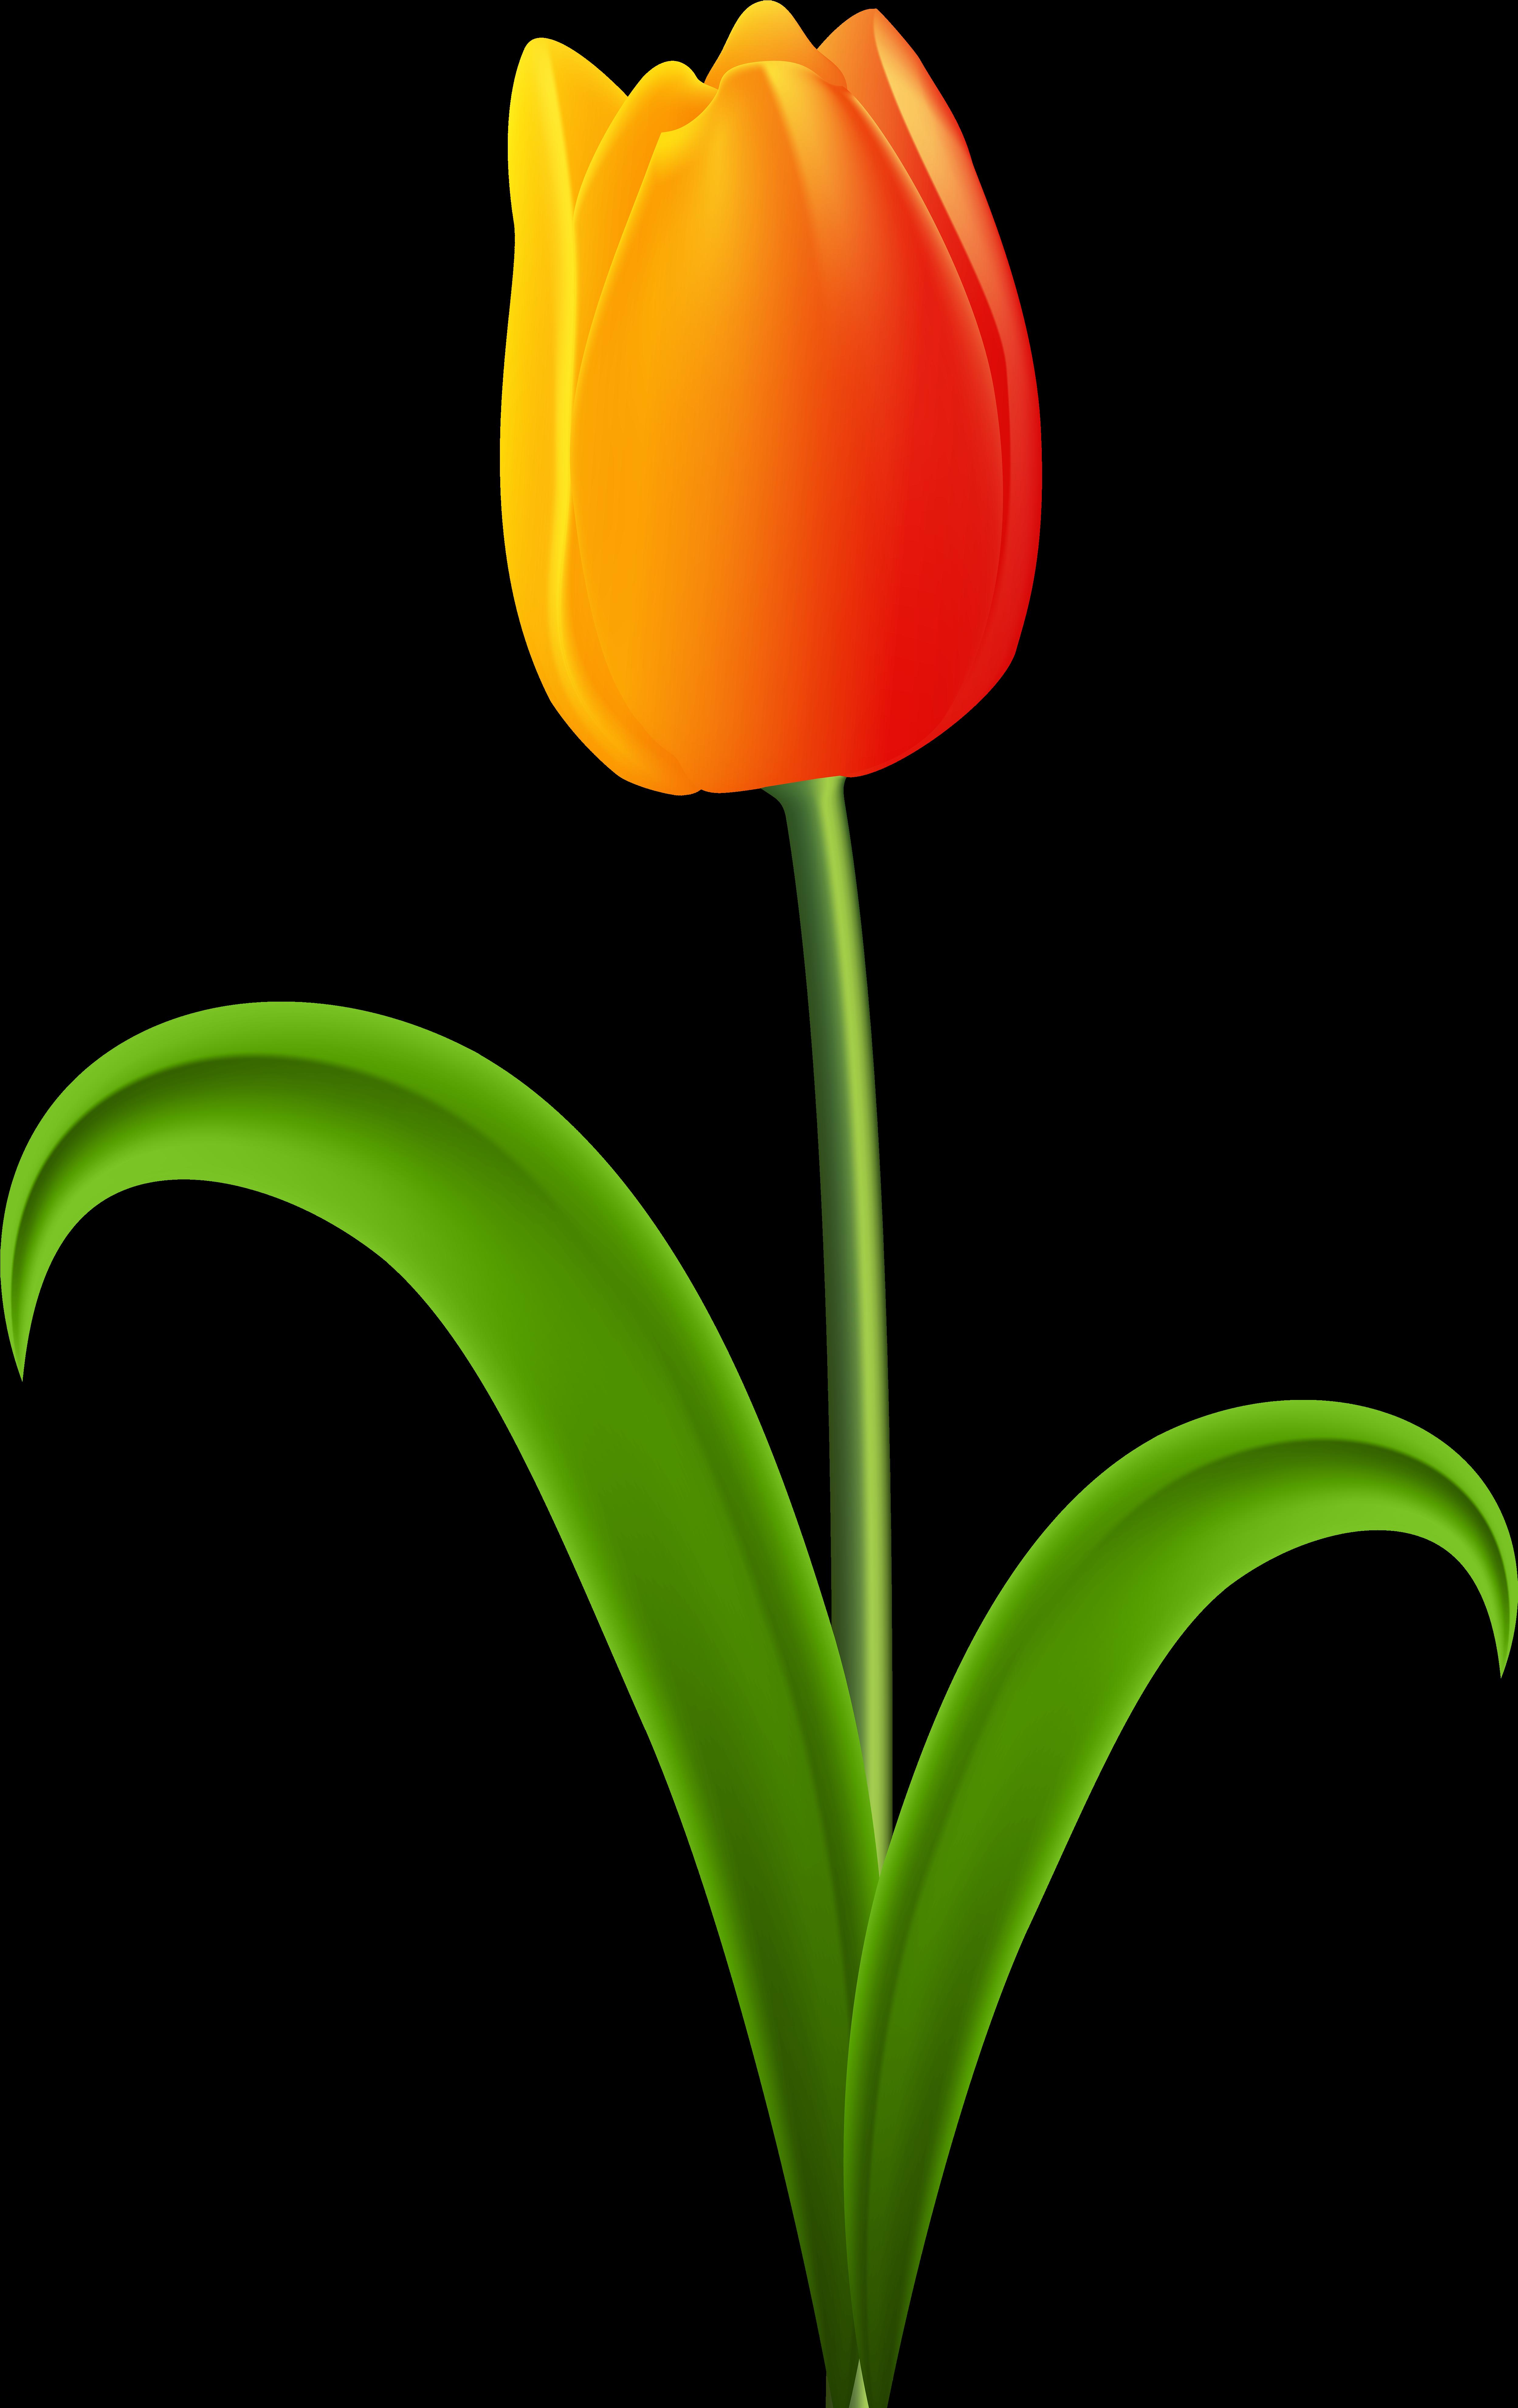 Тюльпаны картинки для детей на прозрачном фоне